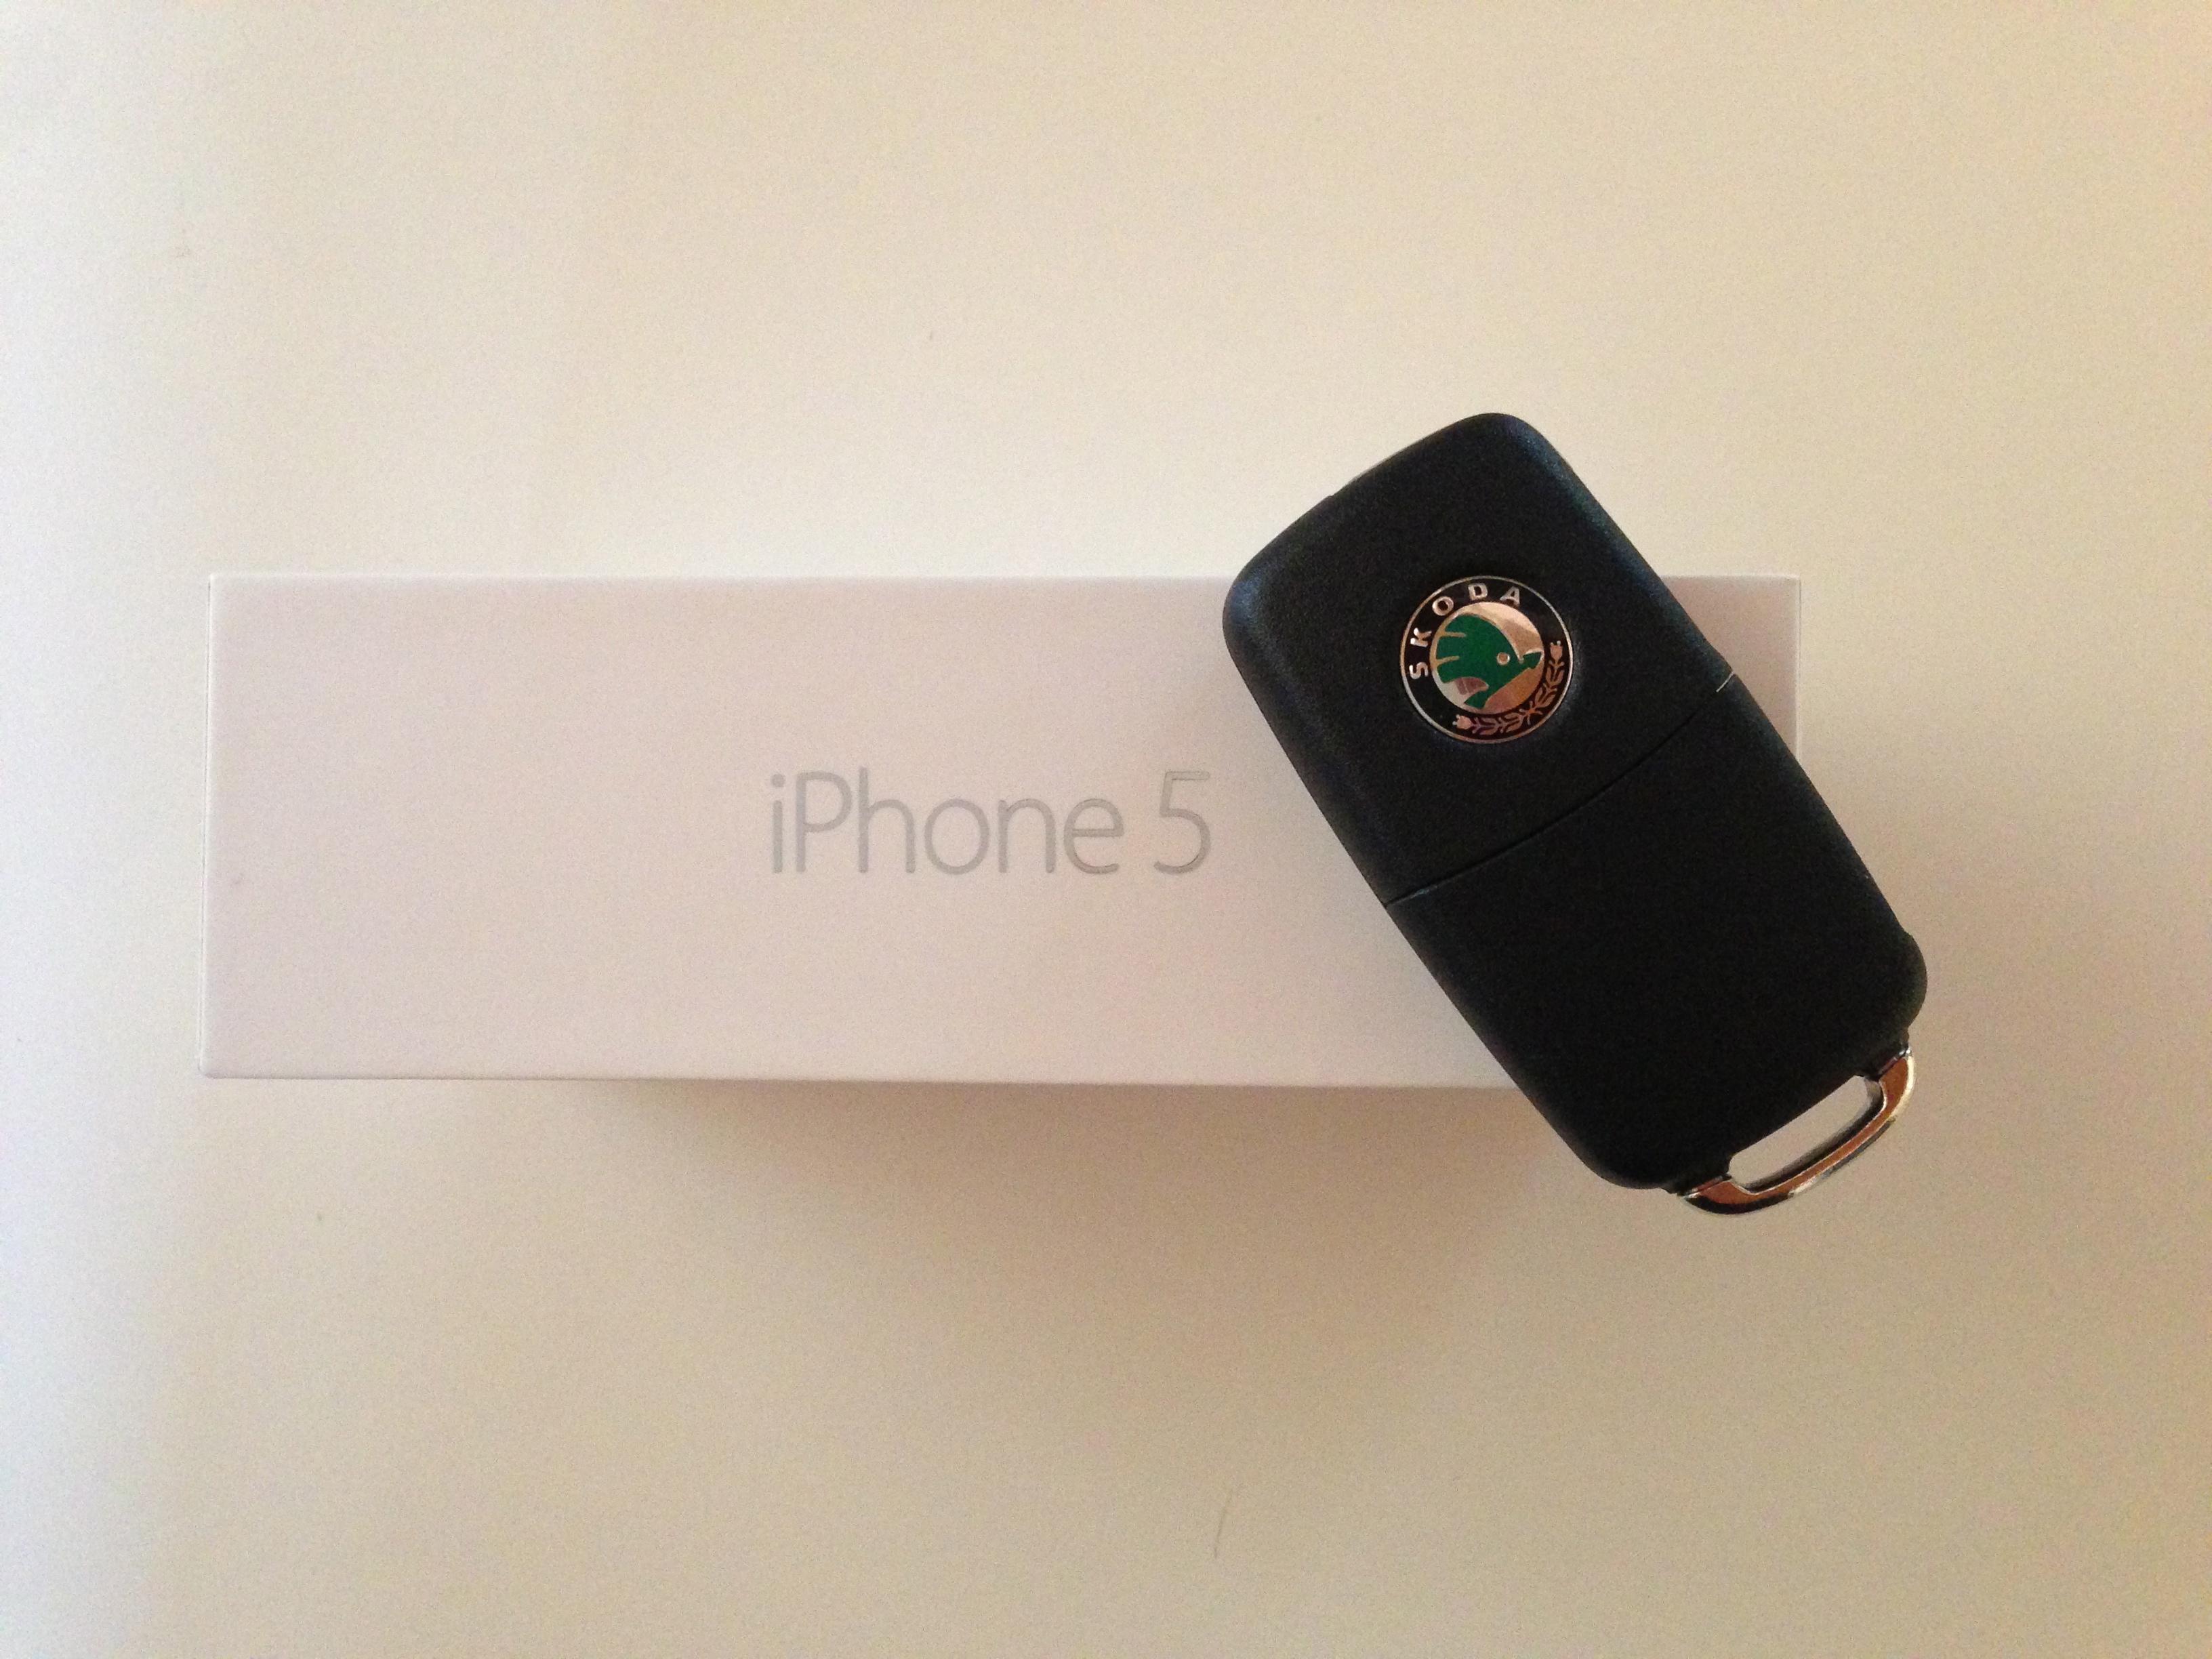 Erfahrungsbericht: iPhone 5 mit iOS 6 im Skoda